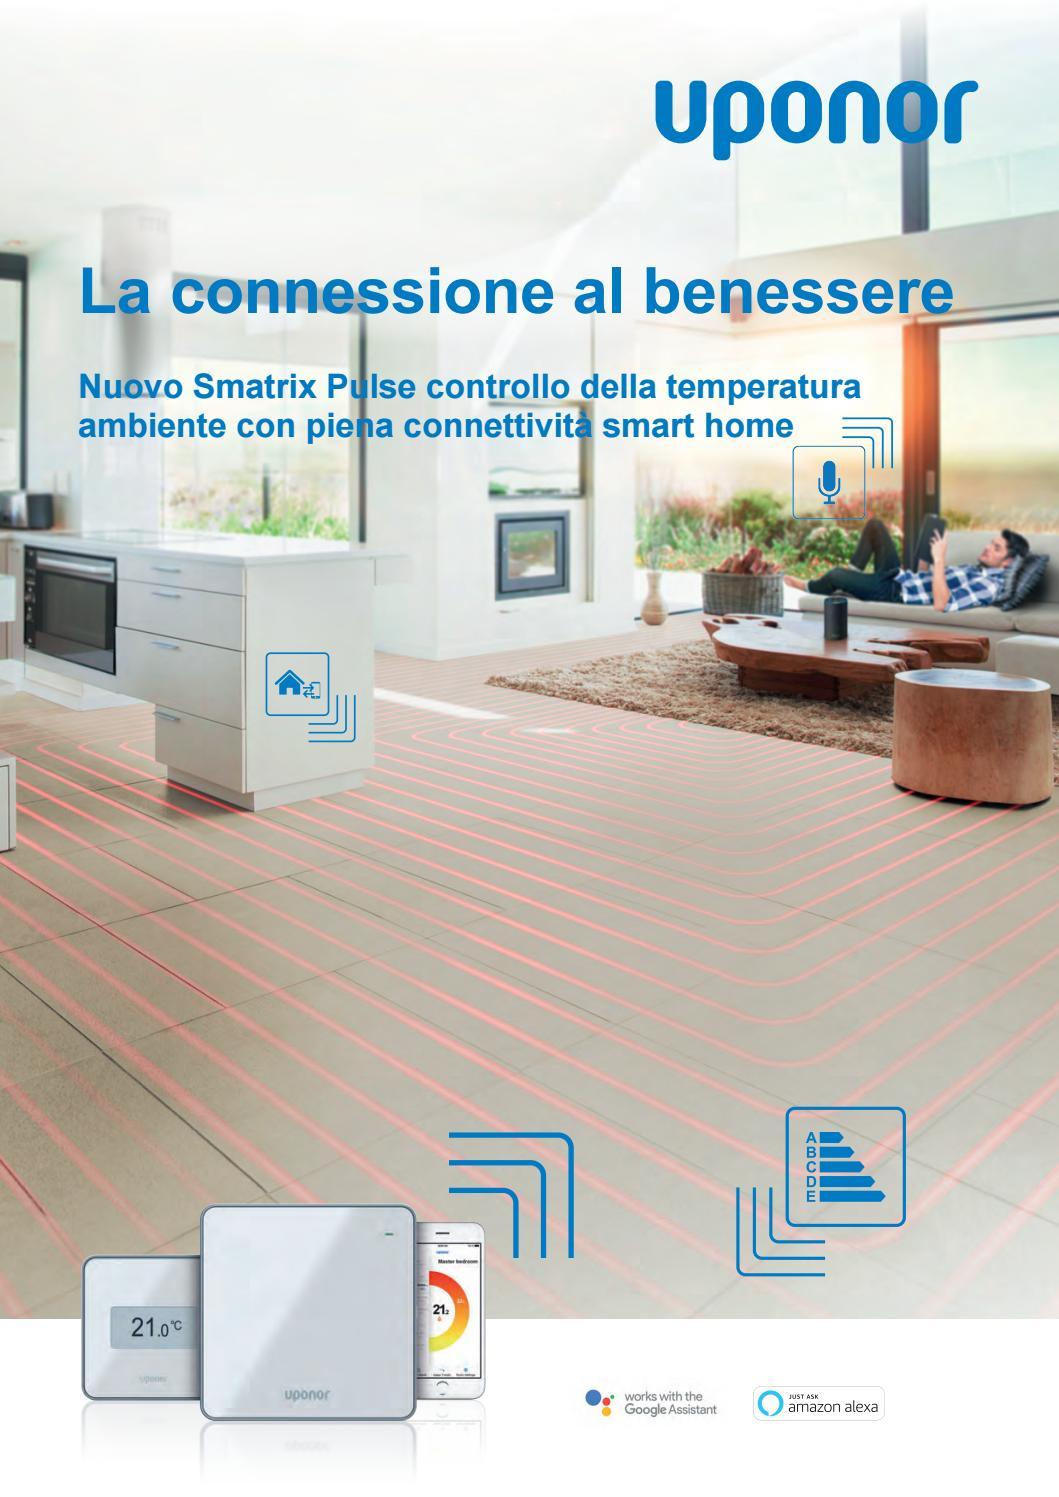 Ottimizzare Riscaldamento A Pavimento uponor bc smatrix pulse it lr by uponorit - issuu